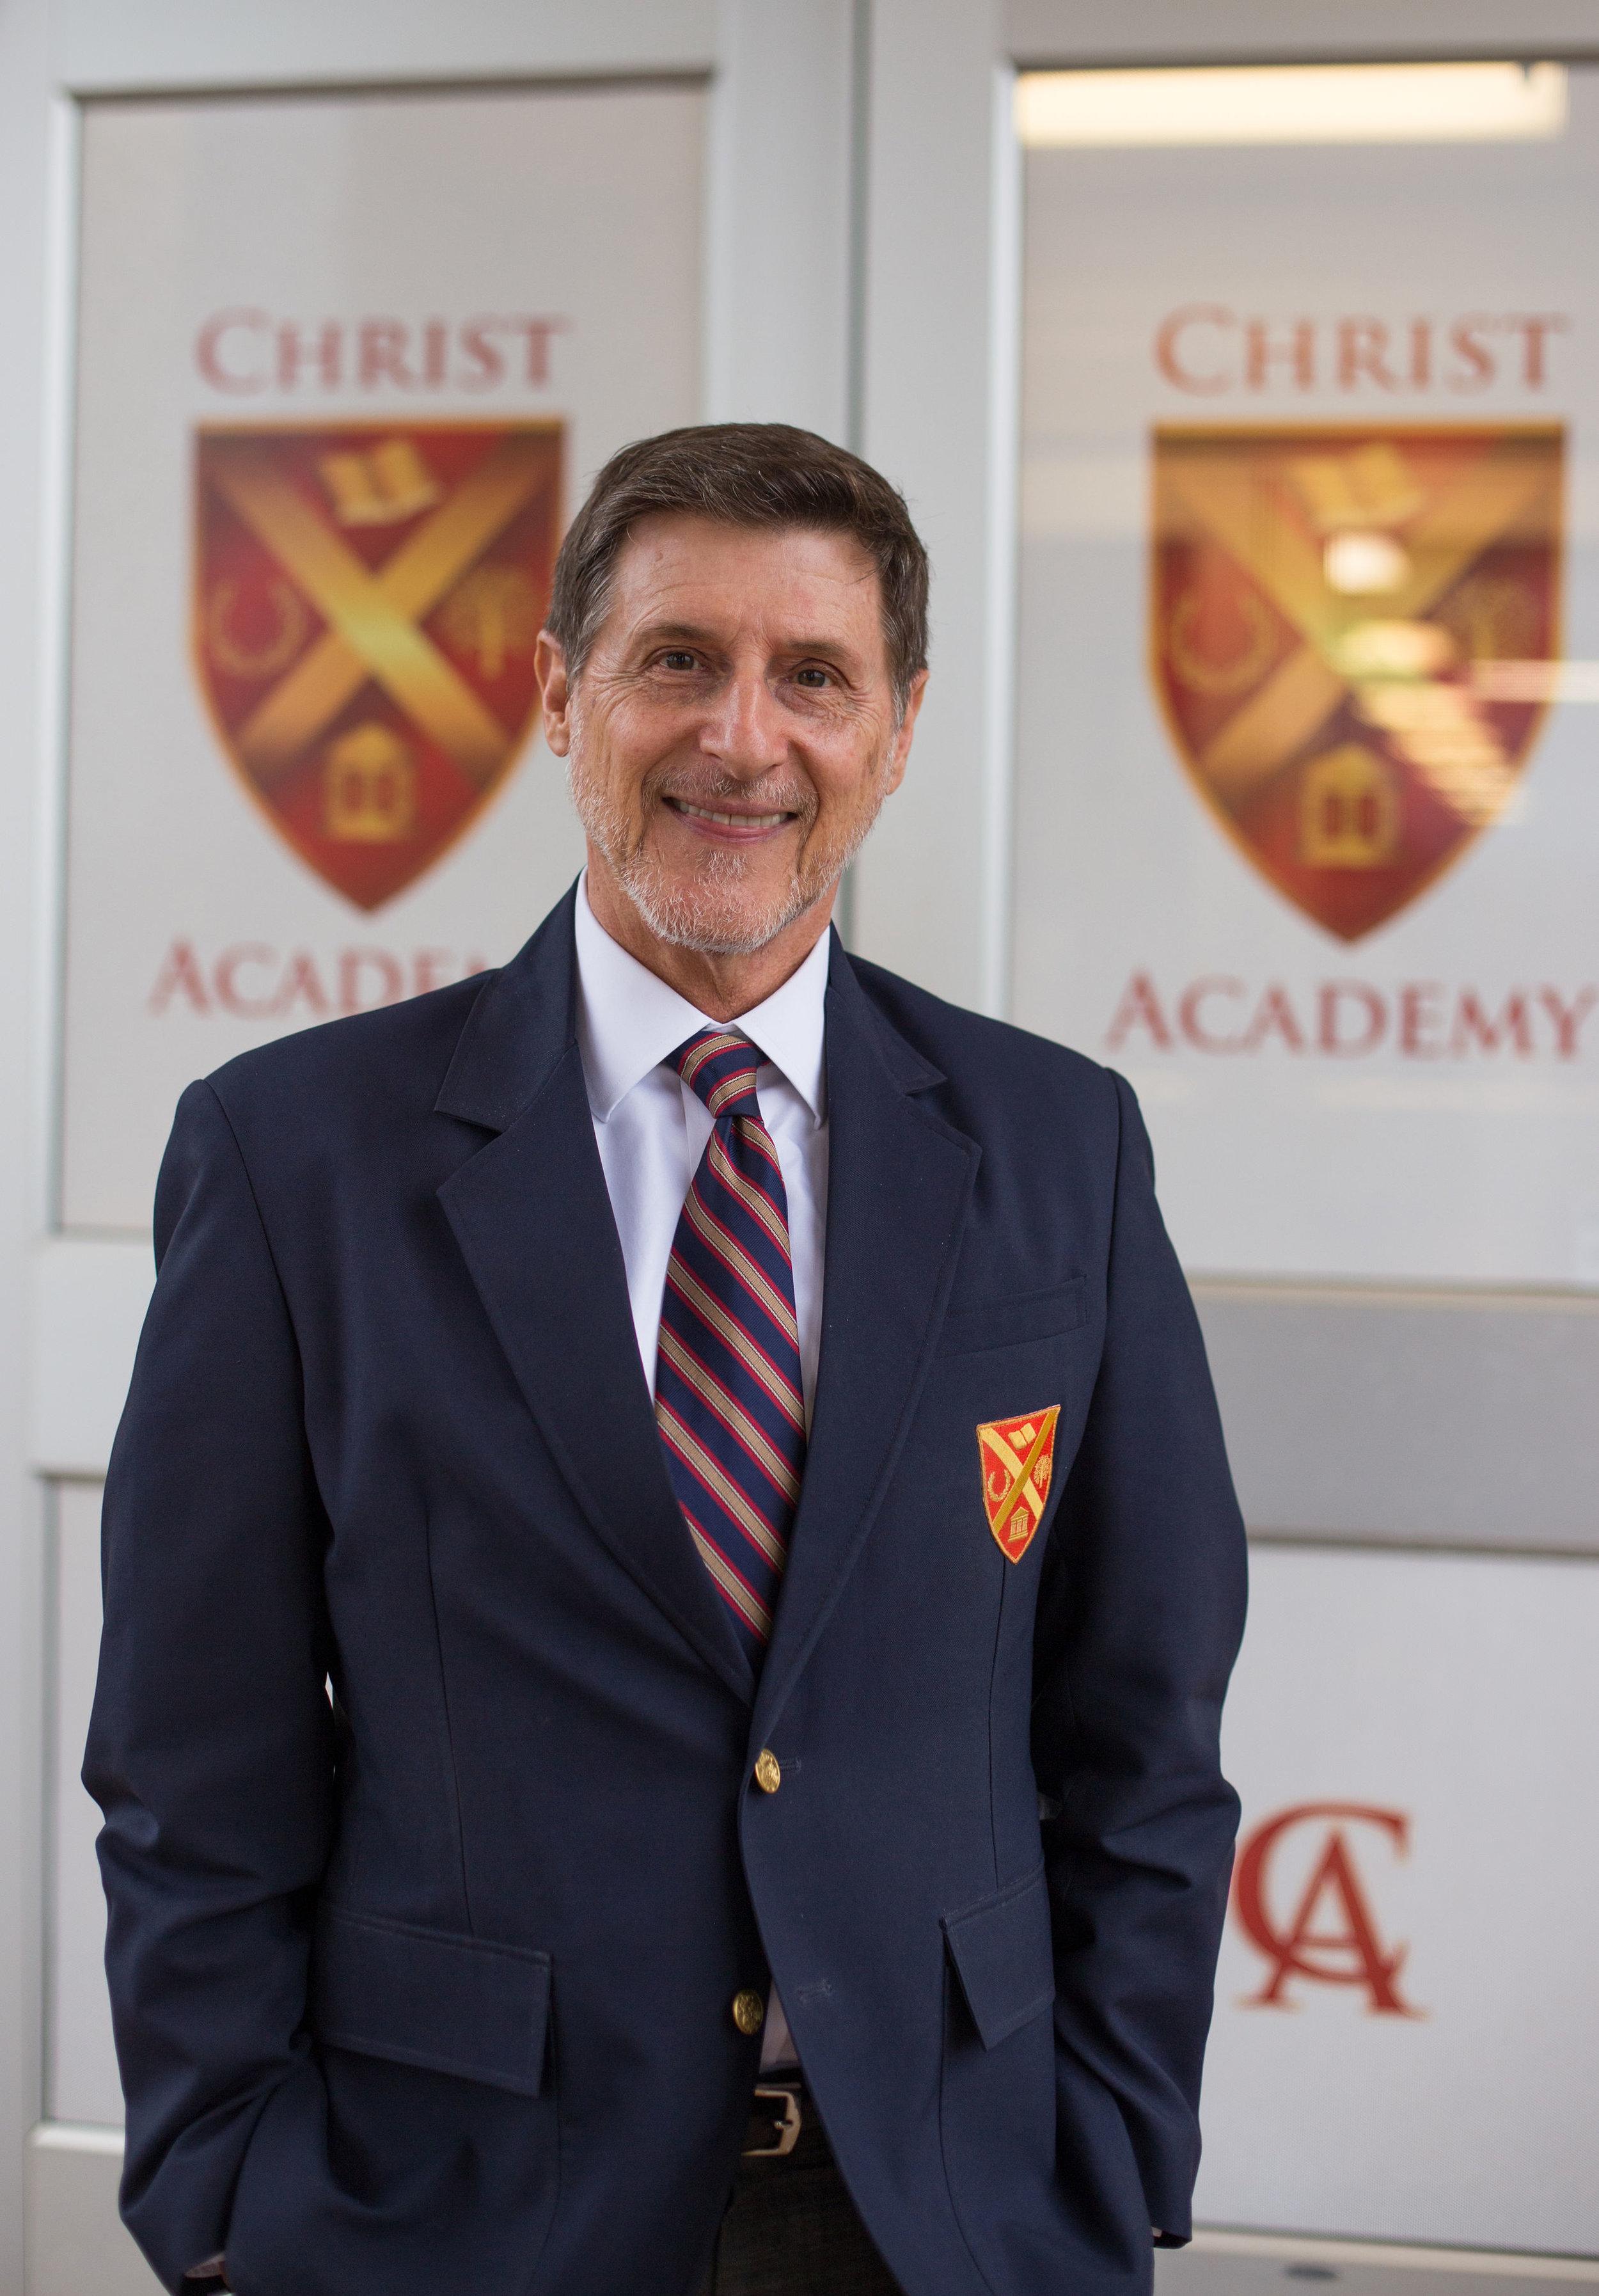 Christ-Academy-Dr.-Meadows.jpg